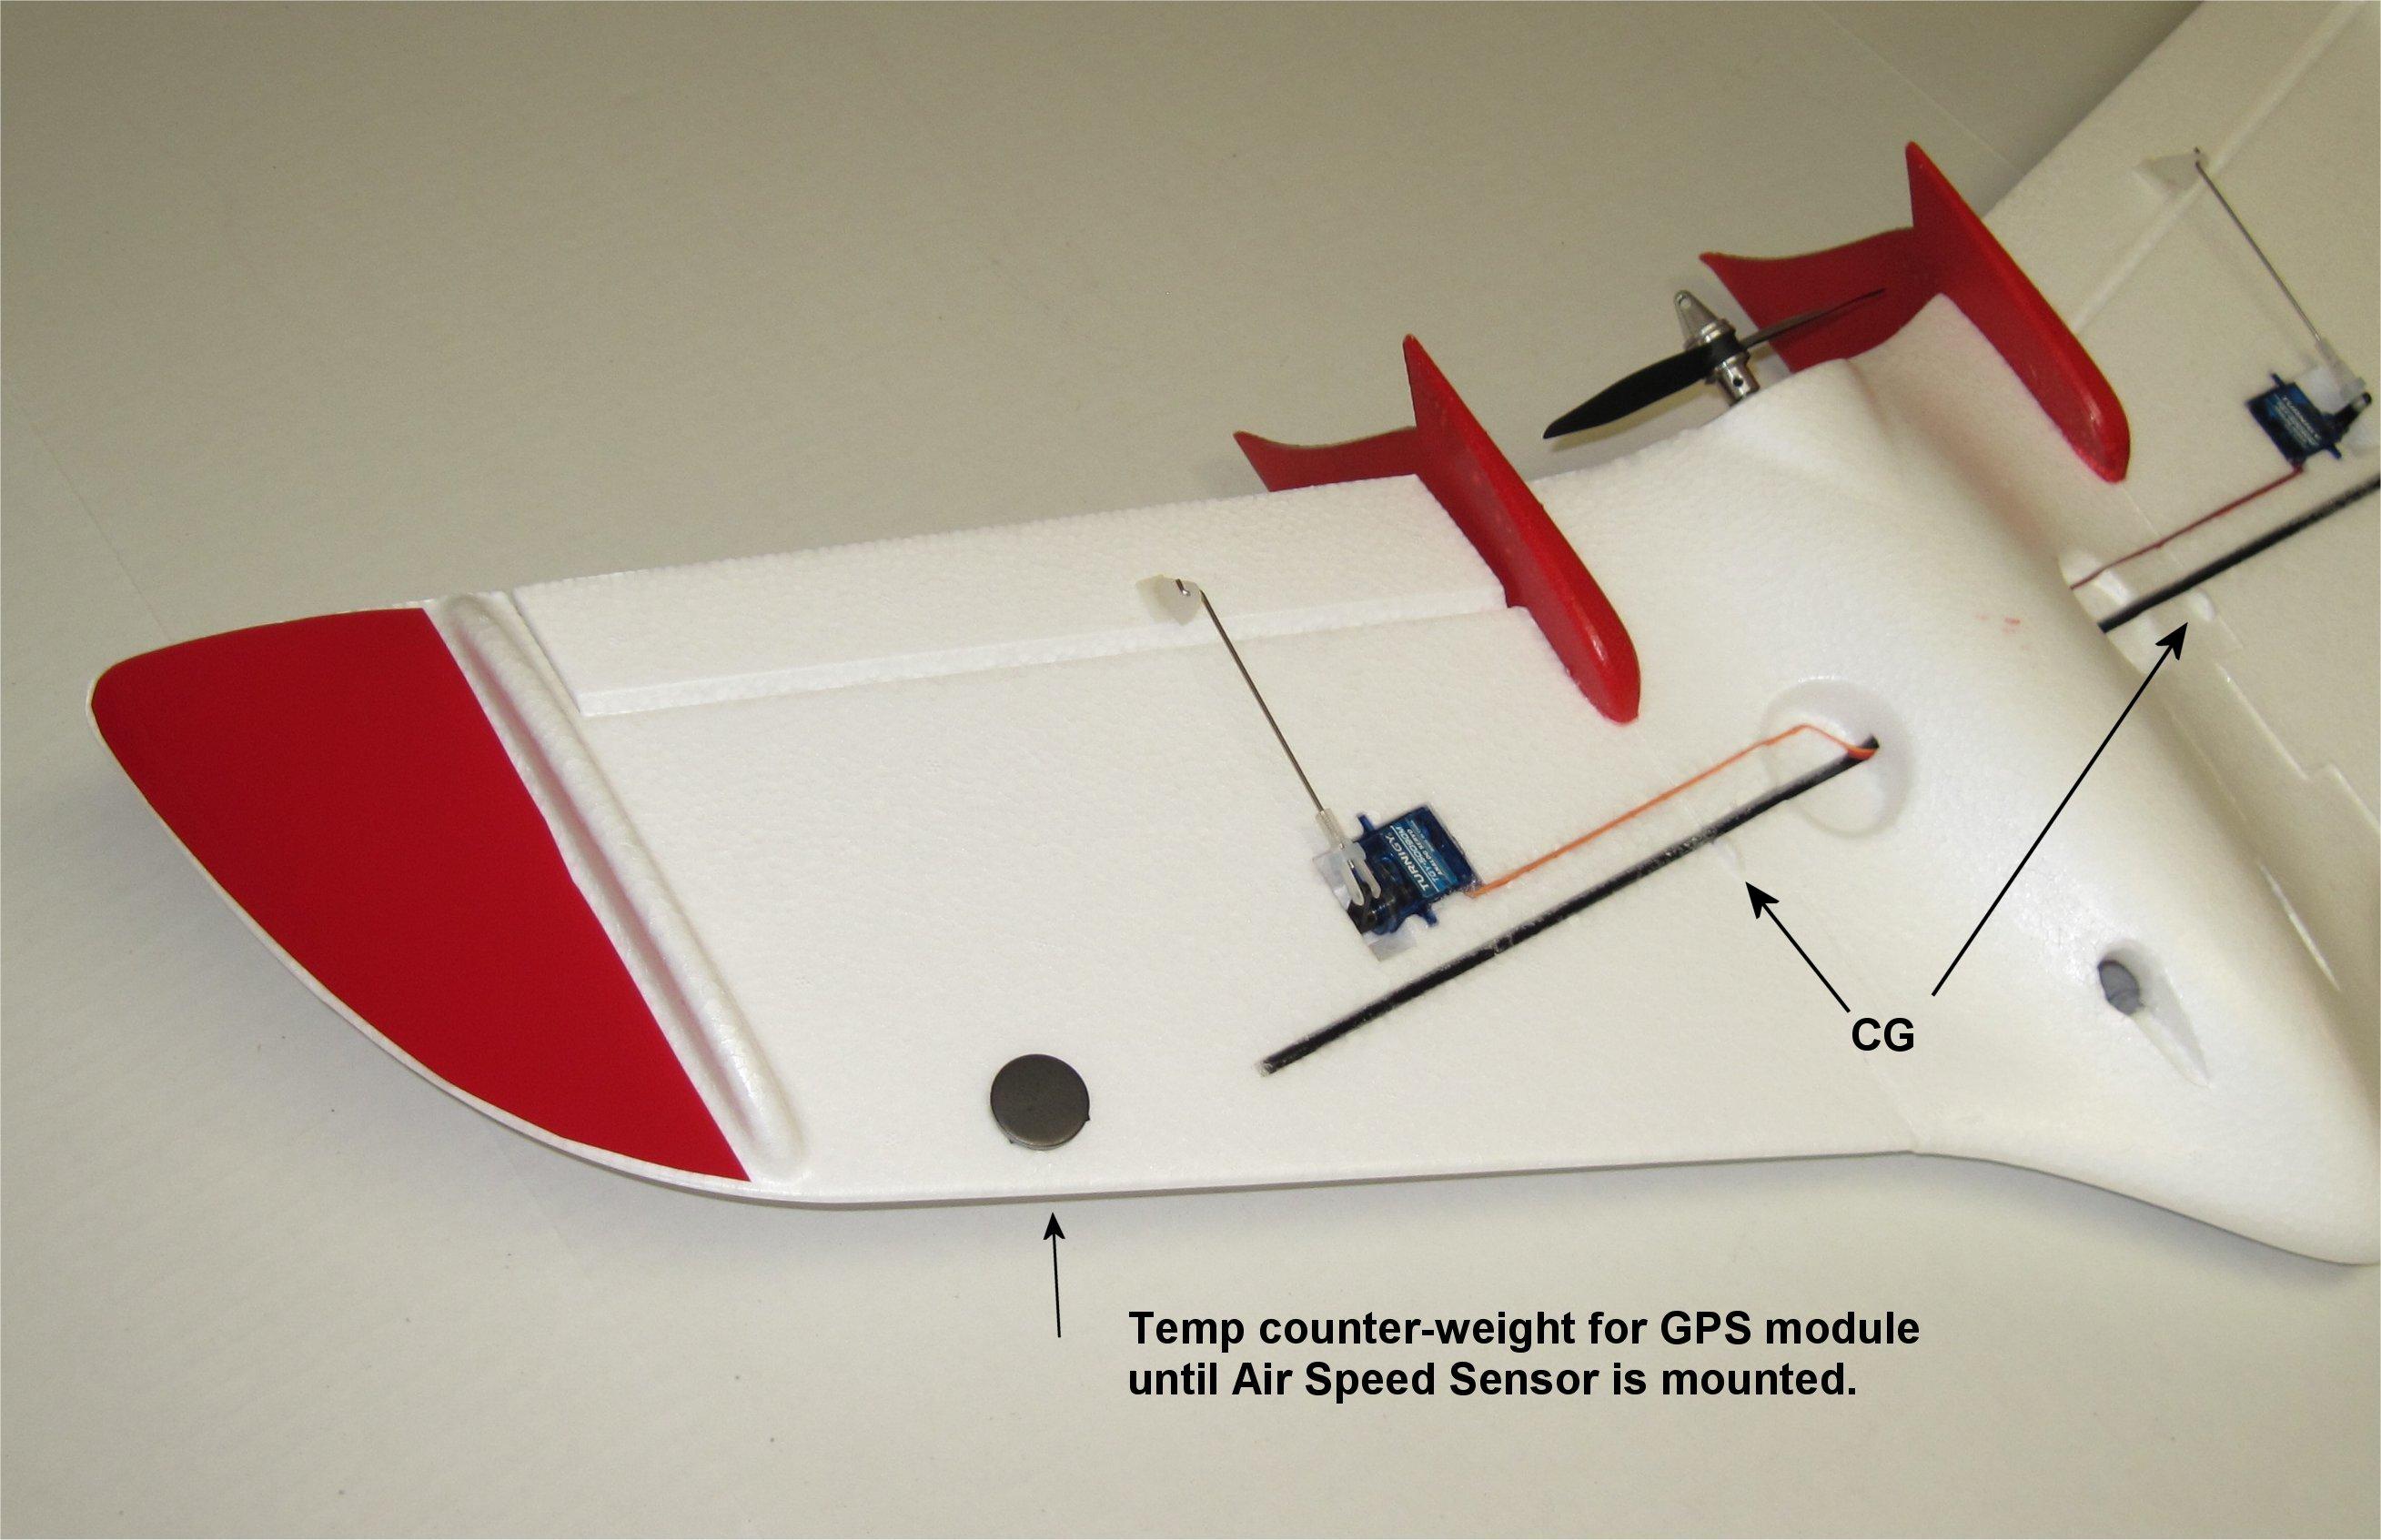 Wing Wing Z-84 QuadPlane Conversion - Plane 3 8 - ArduPilot Discourse